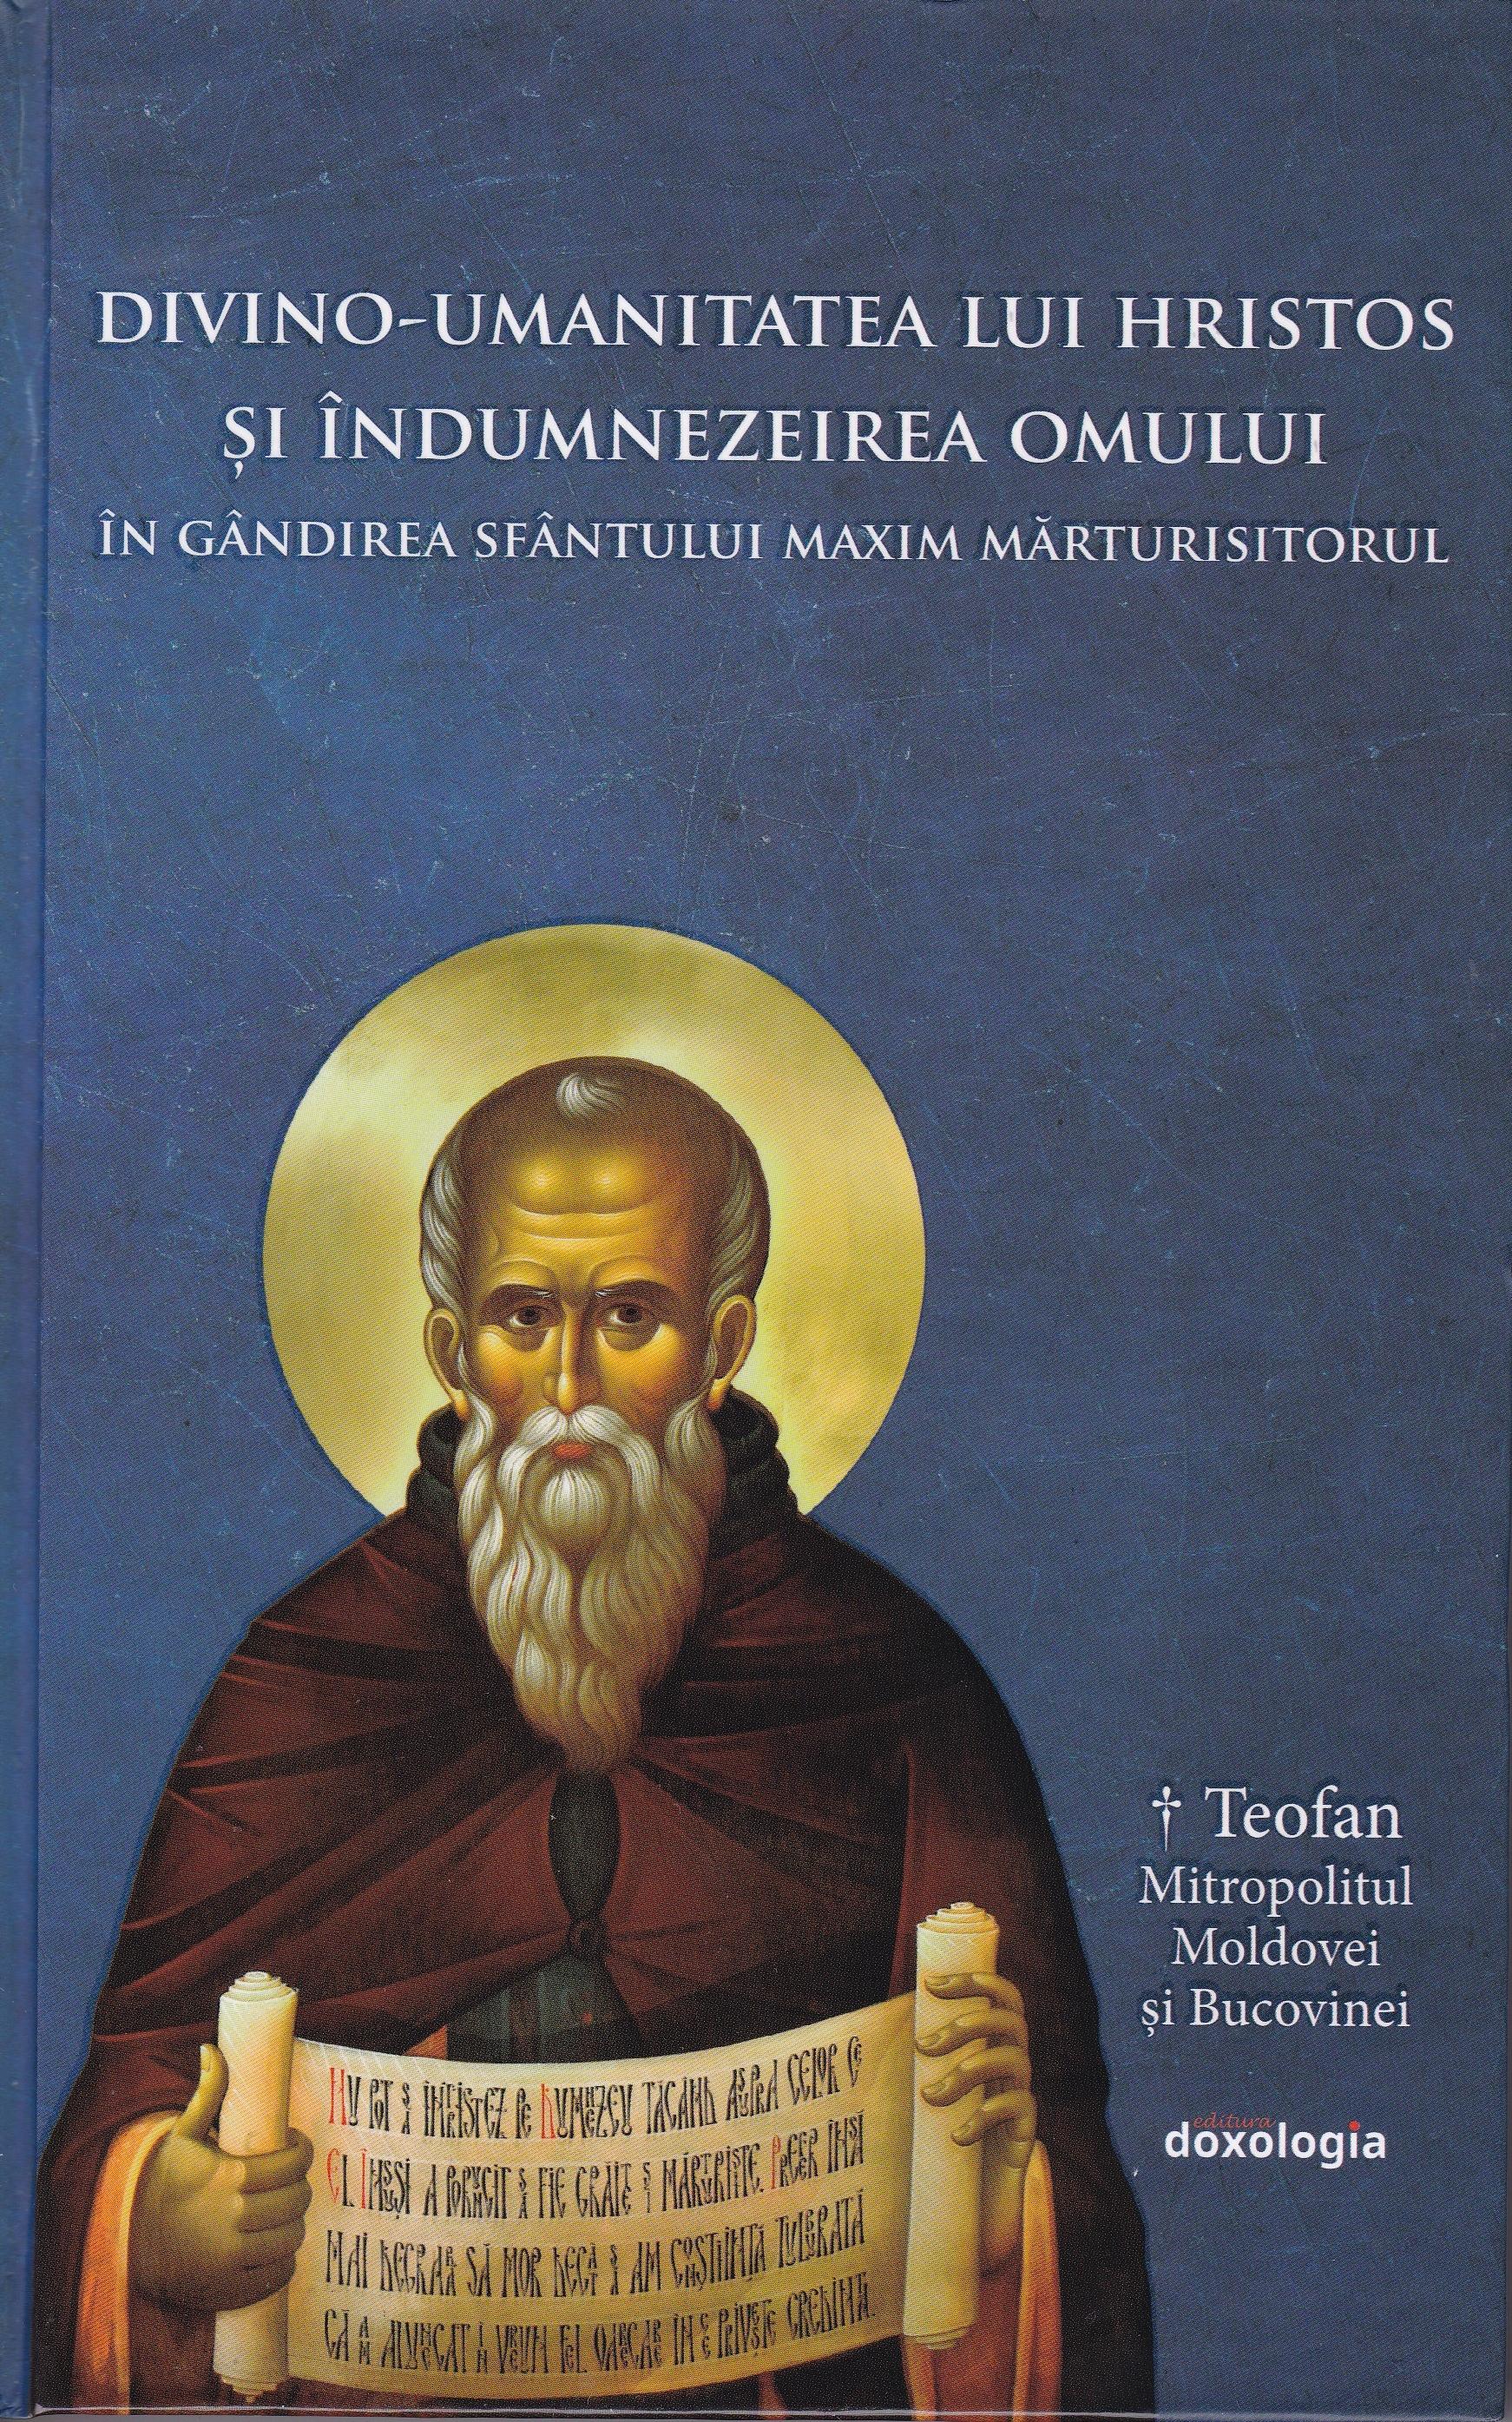 Divino-umanitatea lui Hristos şi îndumnezeirea omului în gândirea Sfântului Maxim Mărturisitorul